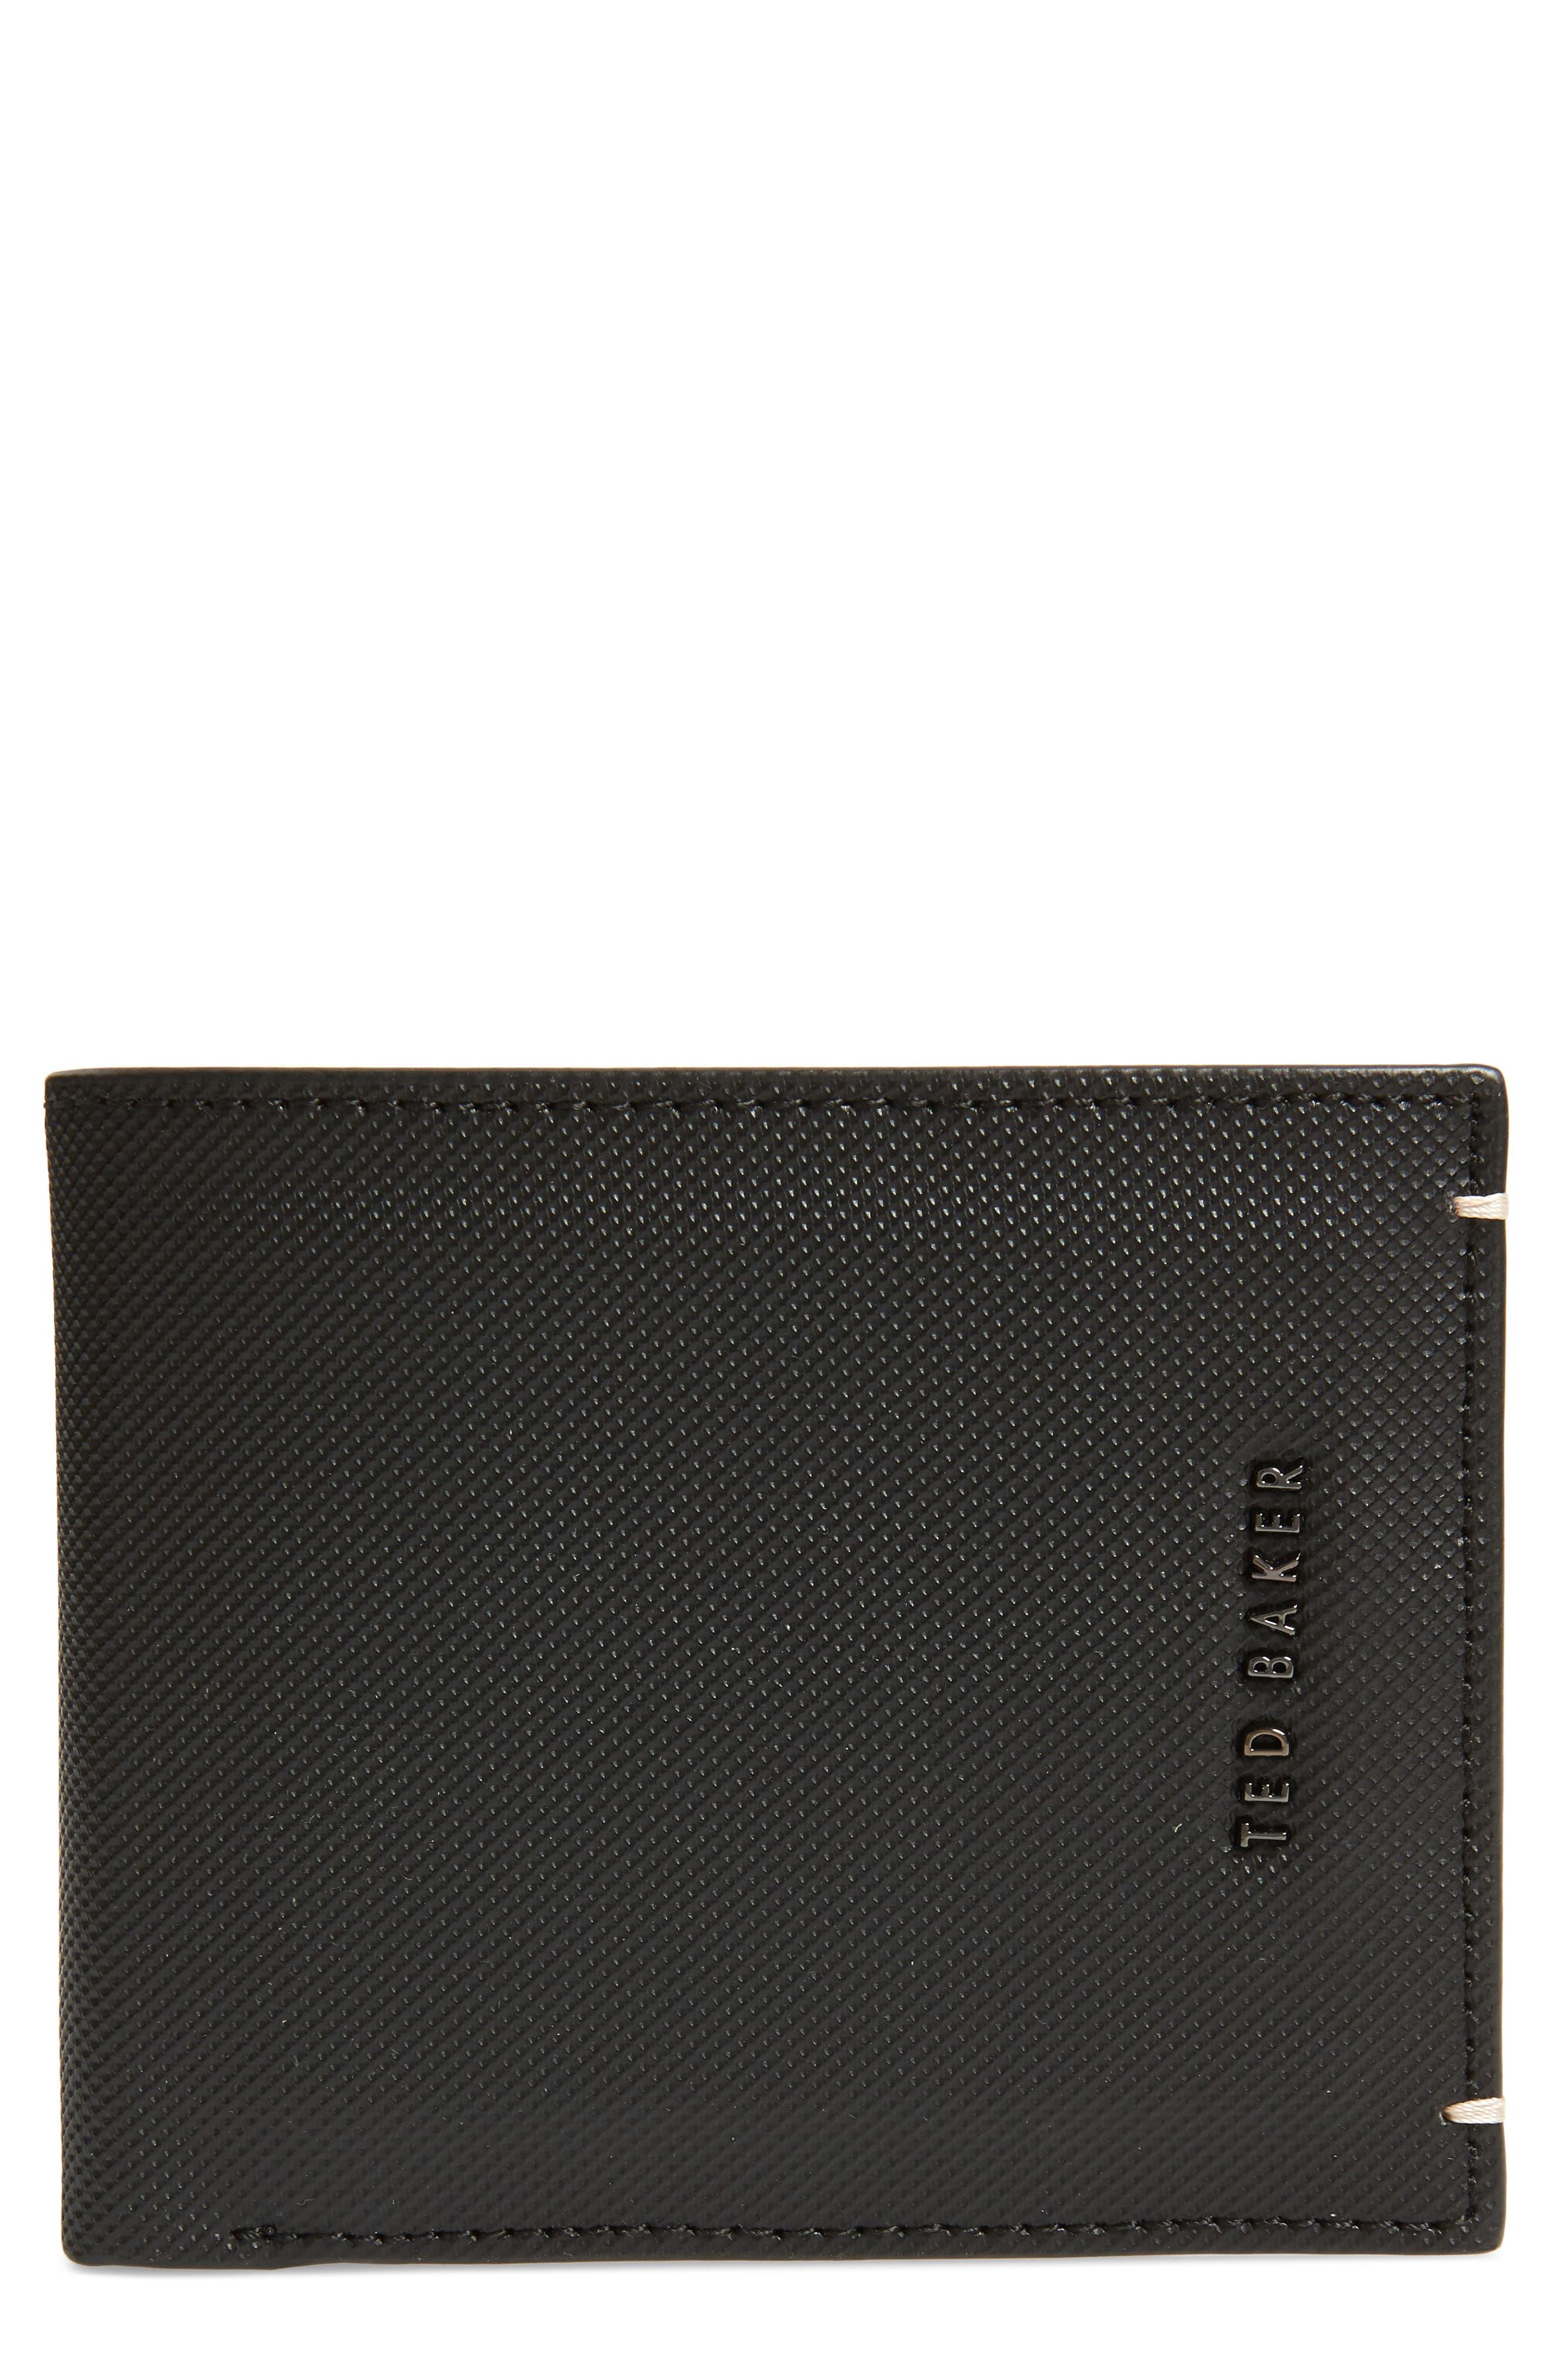 Stormz Leather Wallet,                             Main thumbnail 1, color,                             BLACK